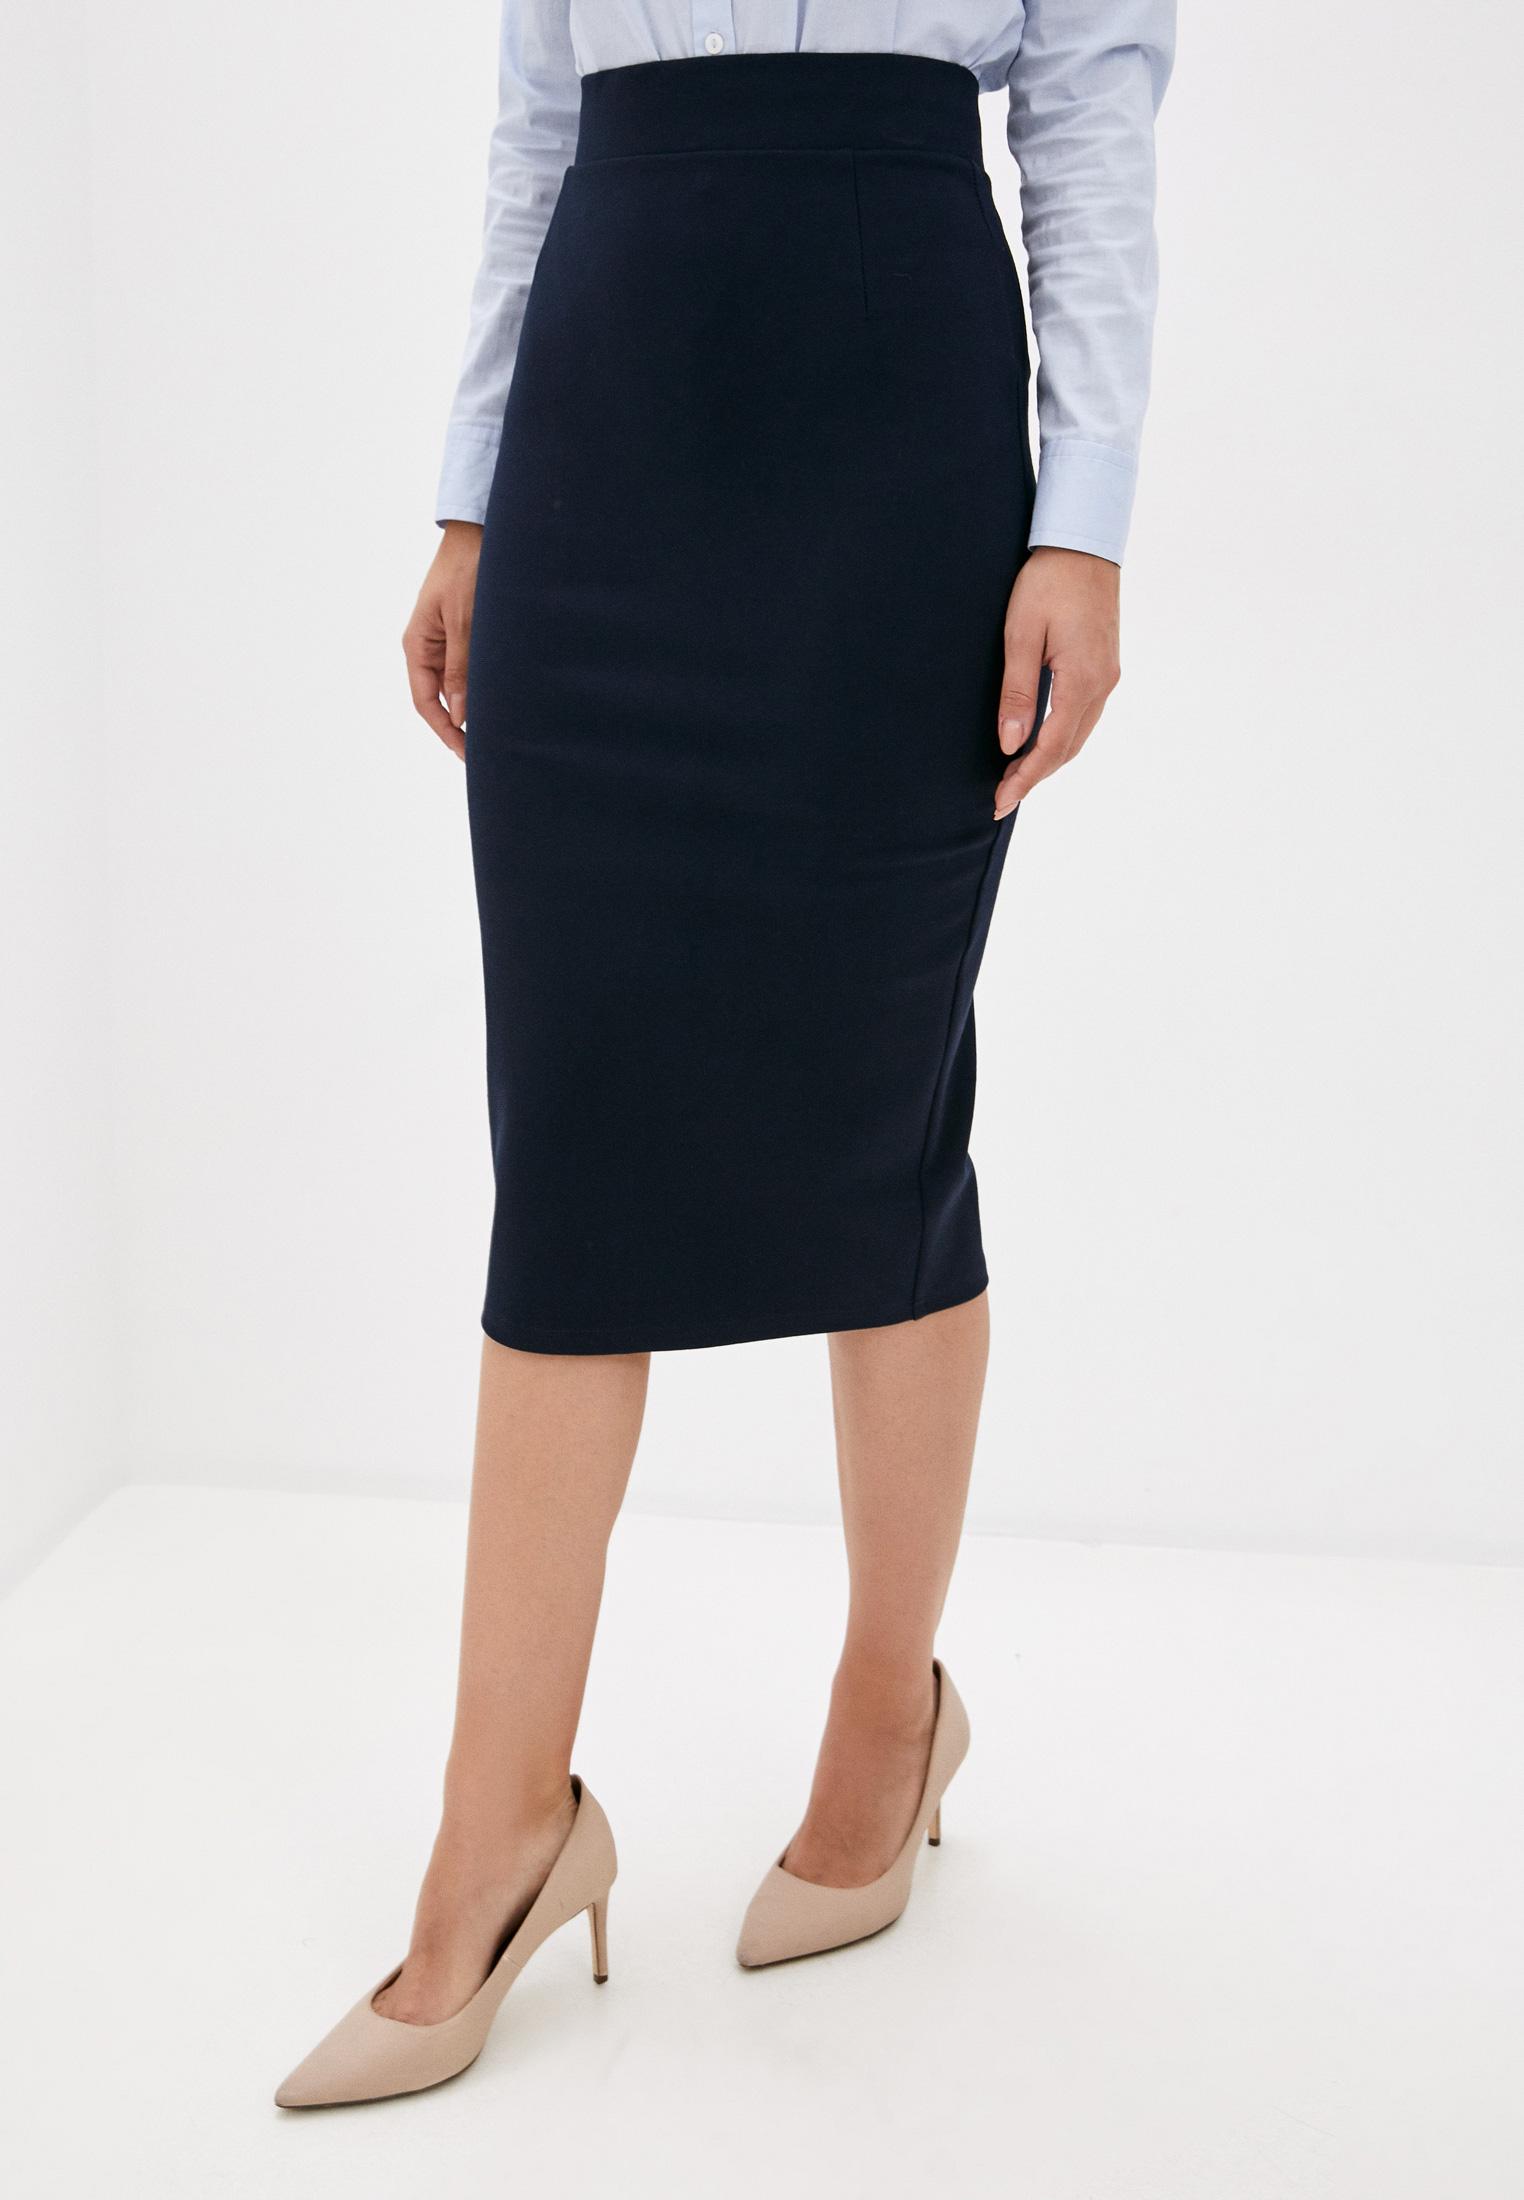 Узкая юбка Toku Tino TT8518027a/